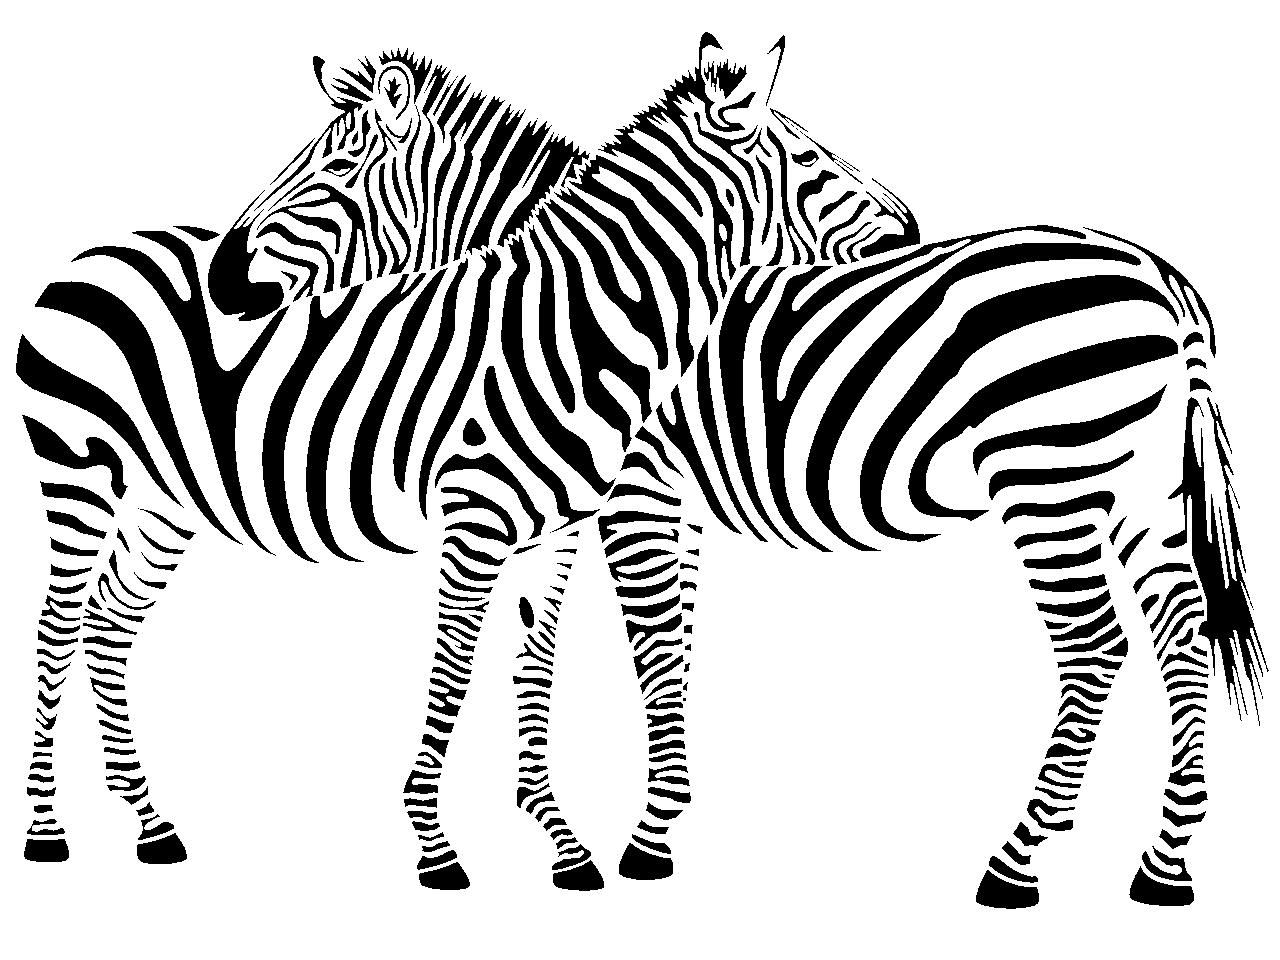 Wandtattoo Zebra Pärchen | ToCut Werbetechnik Wandtattoo Beschriftung